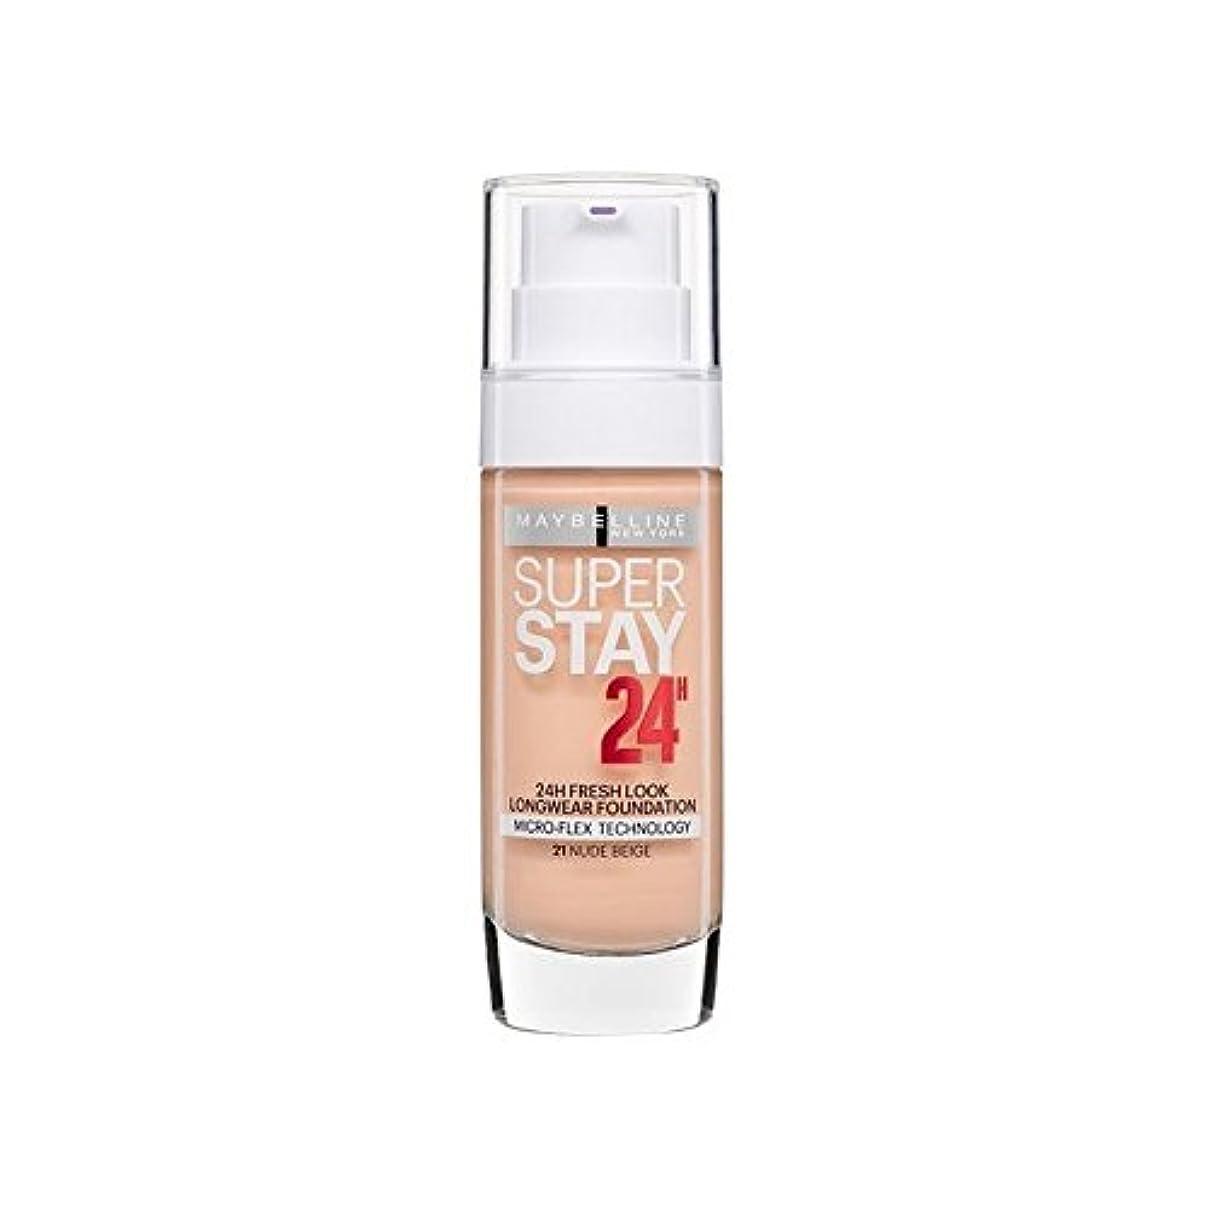 歴史外国人ディレイメイベリンの24時間リキッドファンデーションヌードベージュ30ミリリットル x4 - Maybelline SuperStay 24h Liquid Foundation Nude Beige 30ml (Pack of 4) [並行輸入品]